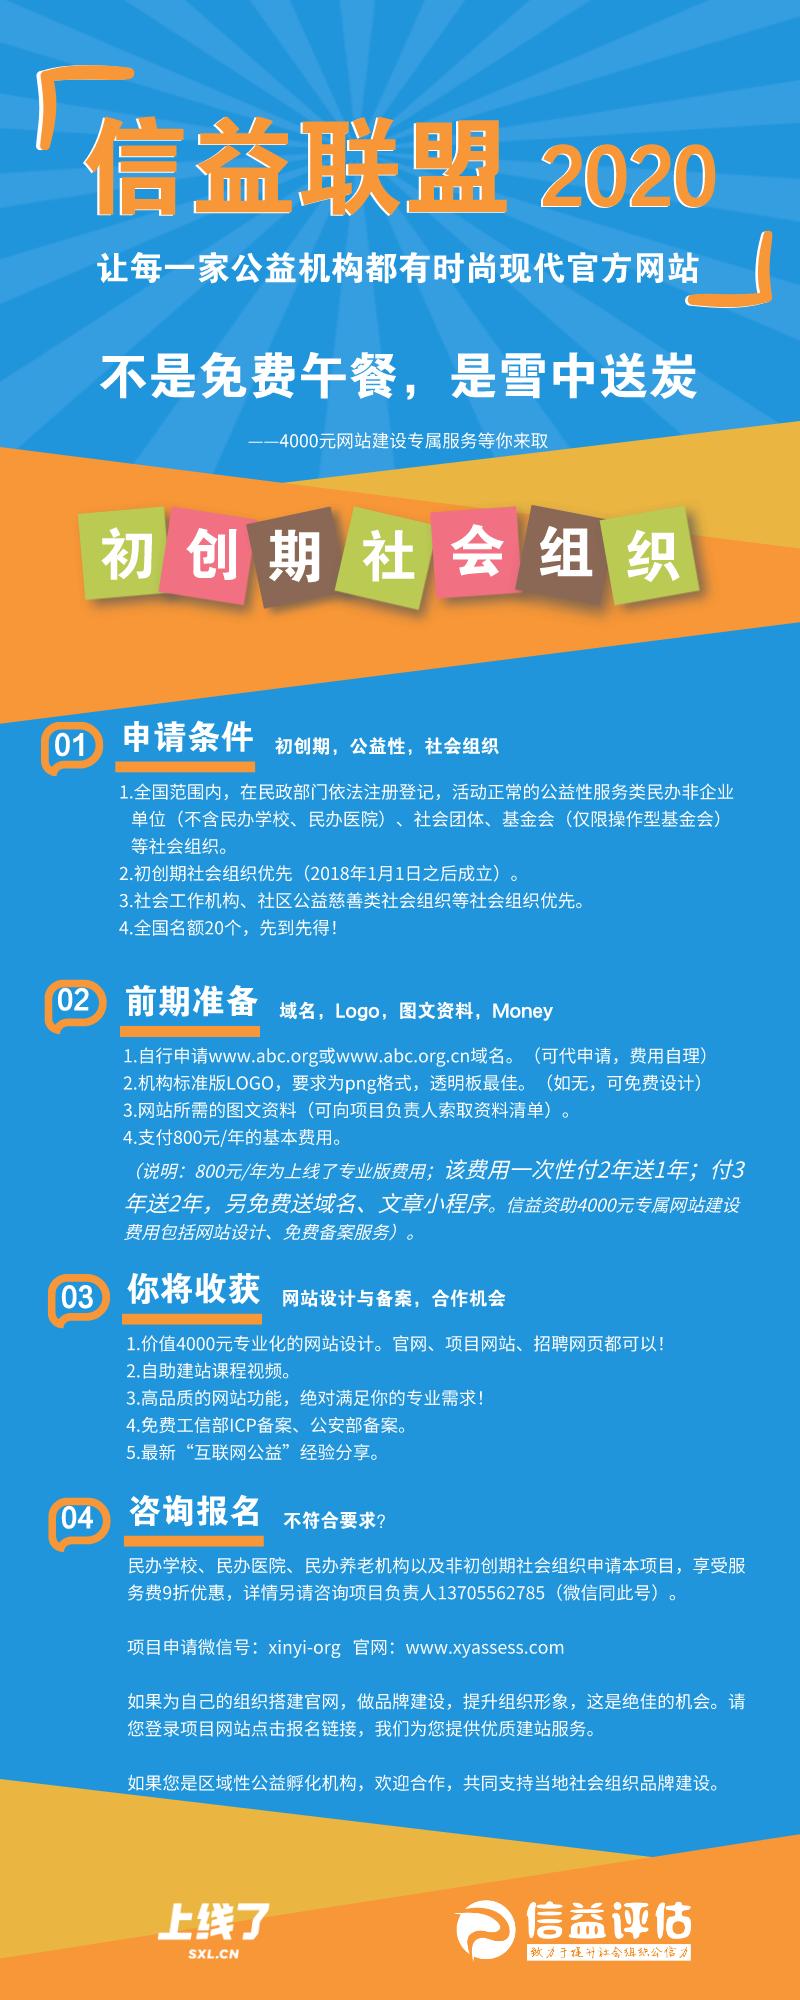 信益联盟2020_长图海报_2020-03-28-0.png